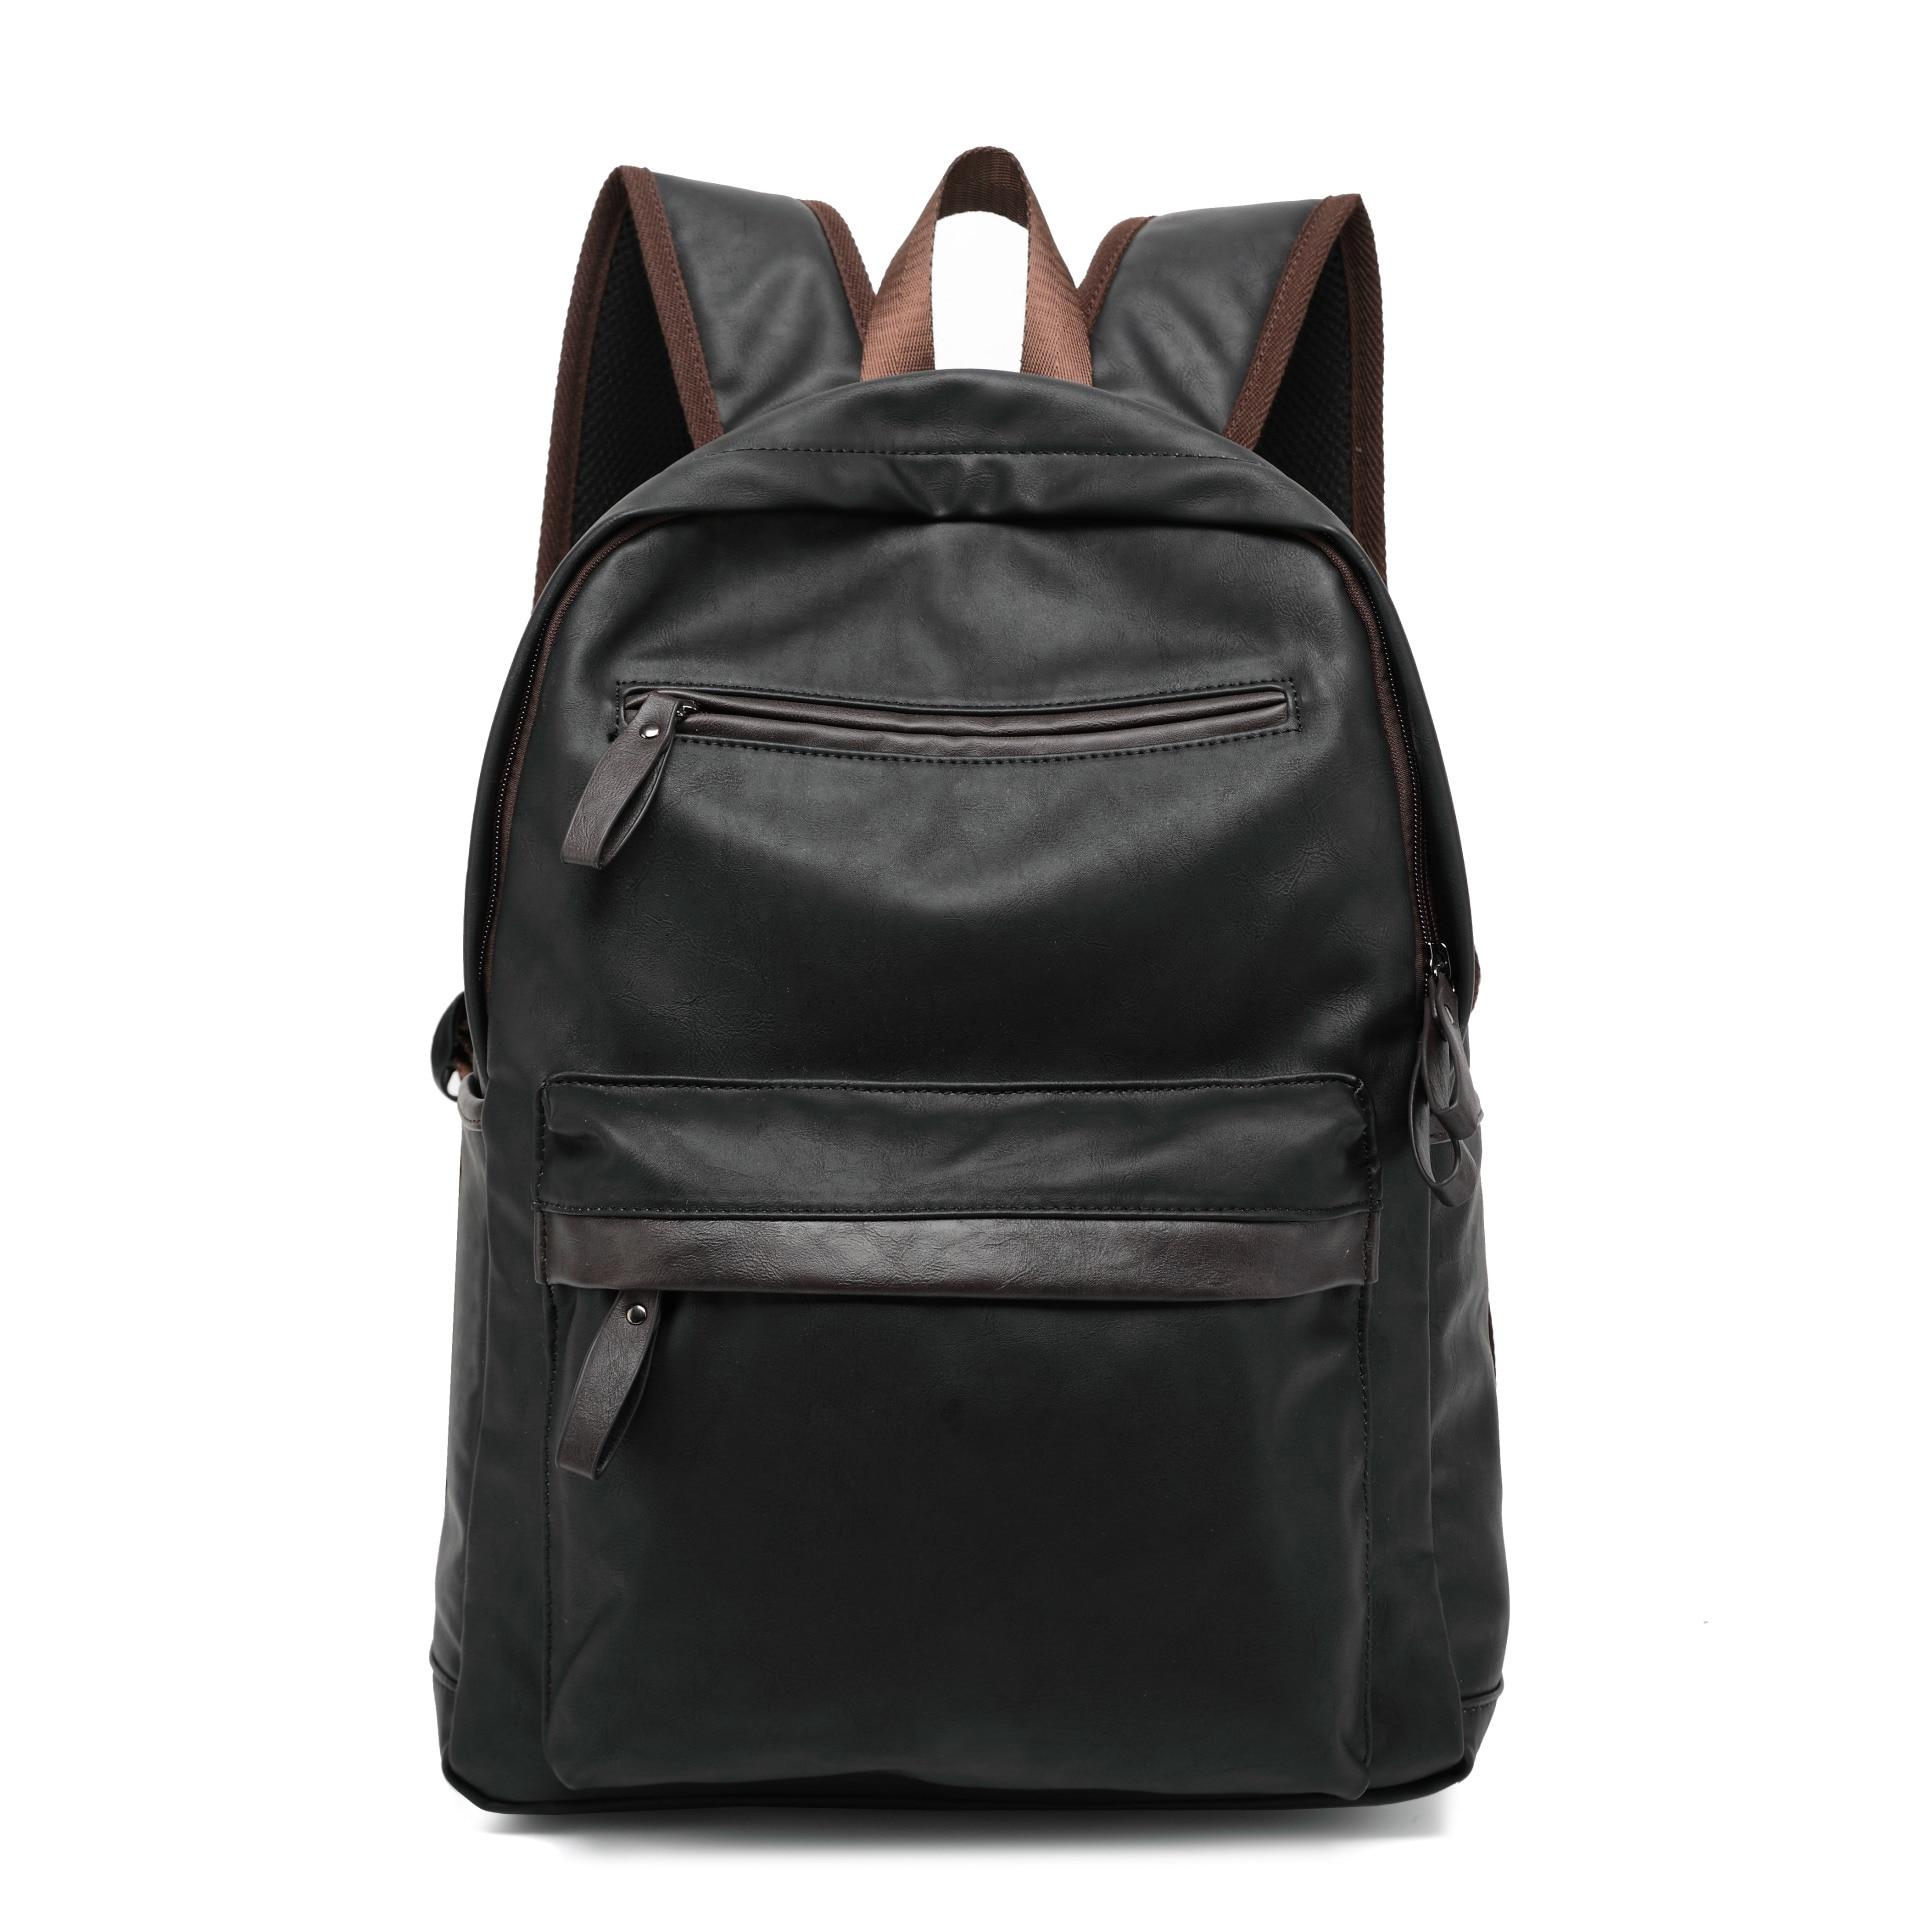 2017 Brand Waterproof Laptop Backpack Men Pu Leather Backpacks for Teenager Men Casual Daypacks Solid Black Brown Travel Bagpack